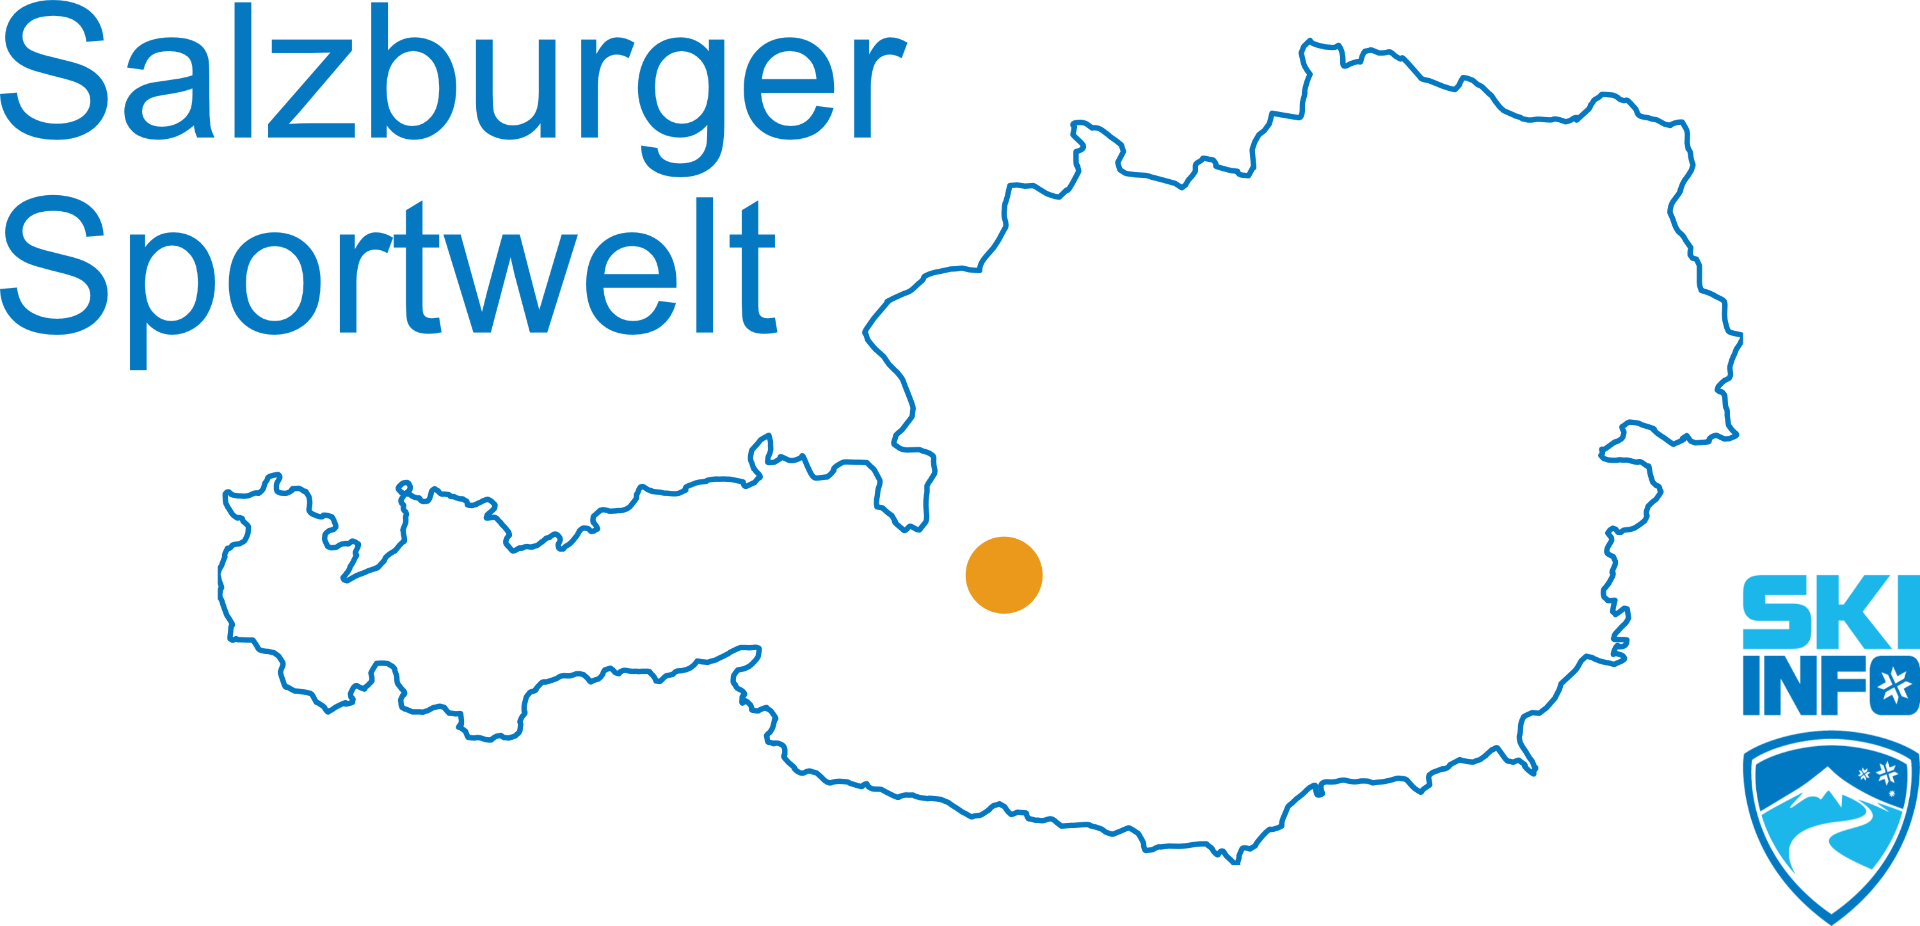 Karte Salzburger Sportwelt